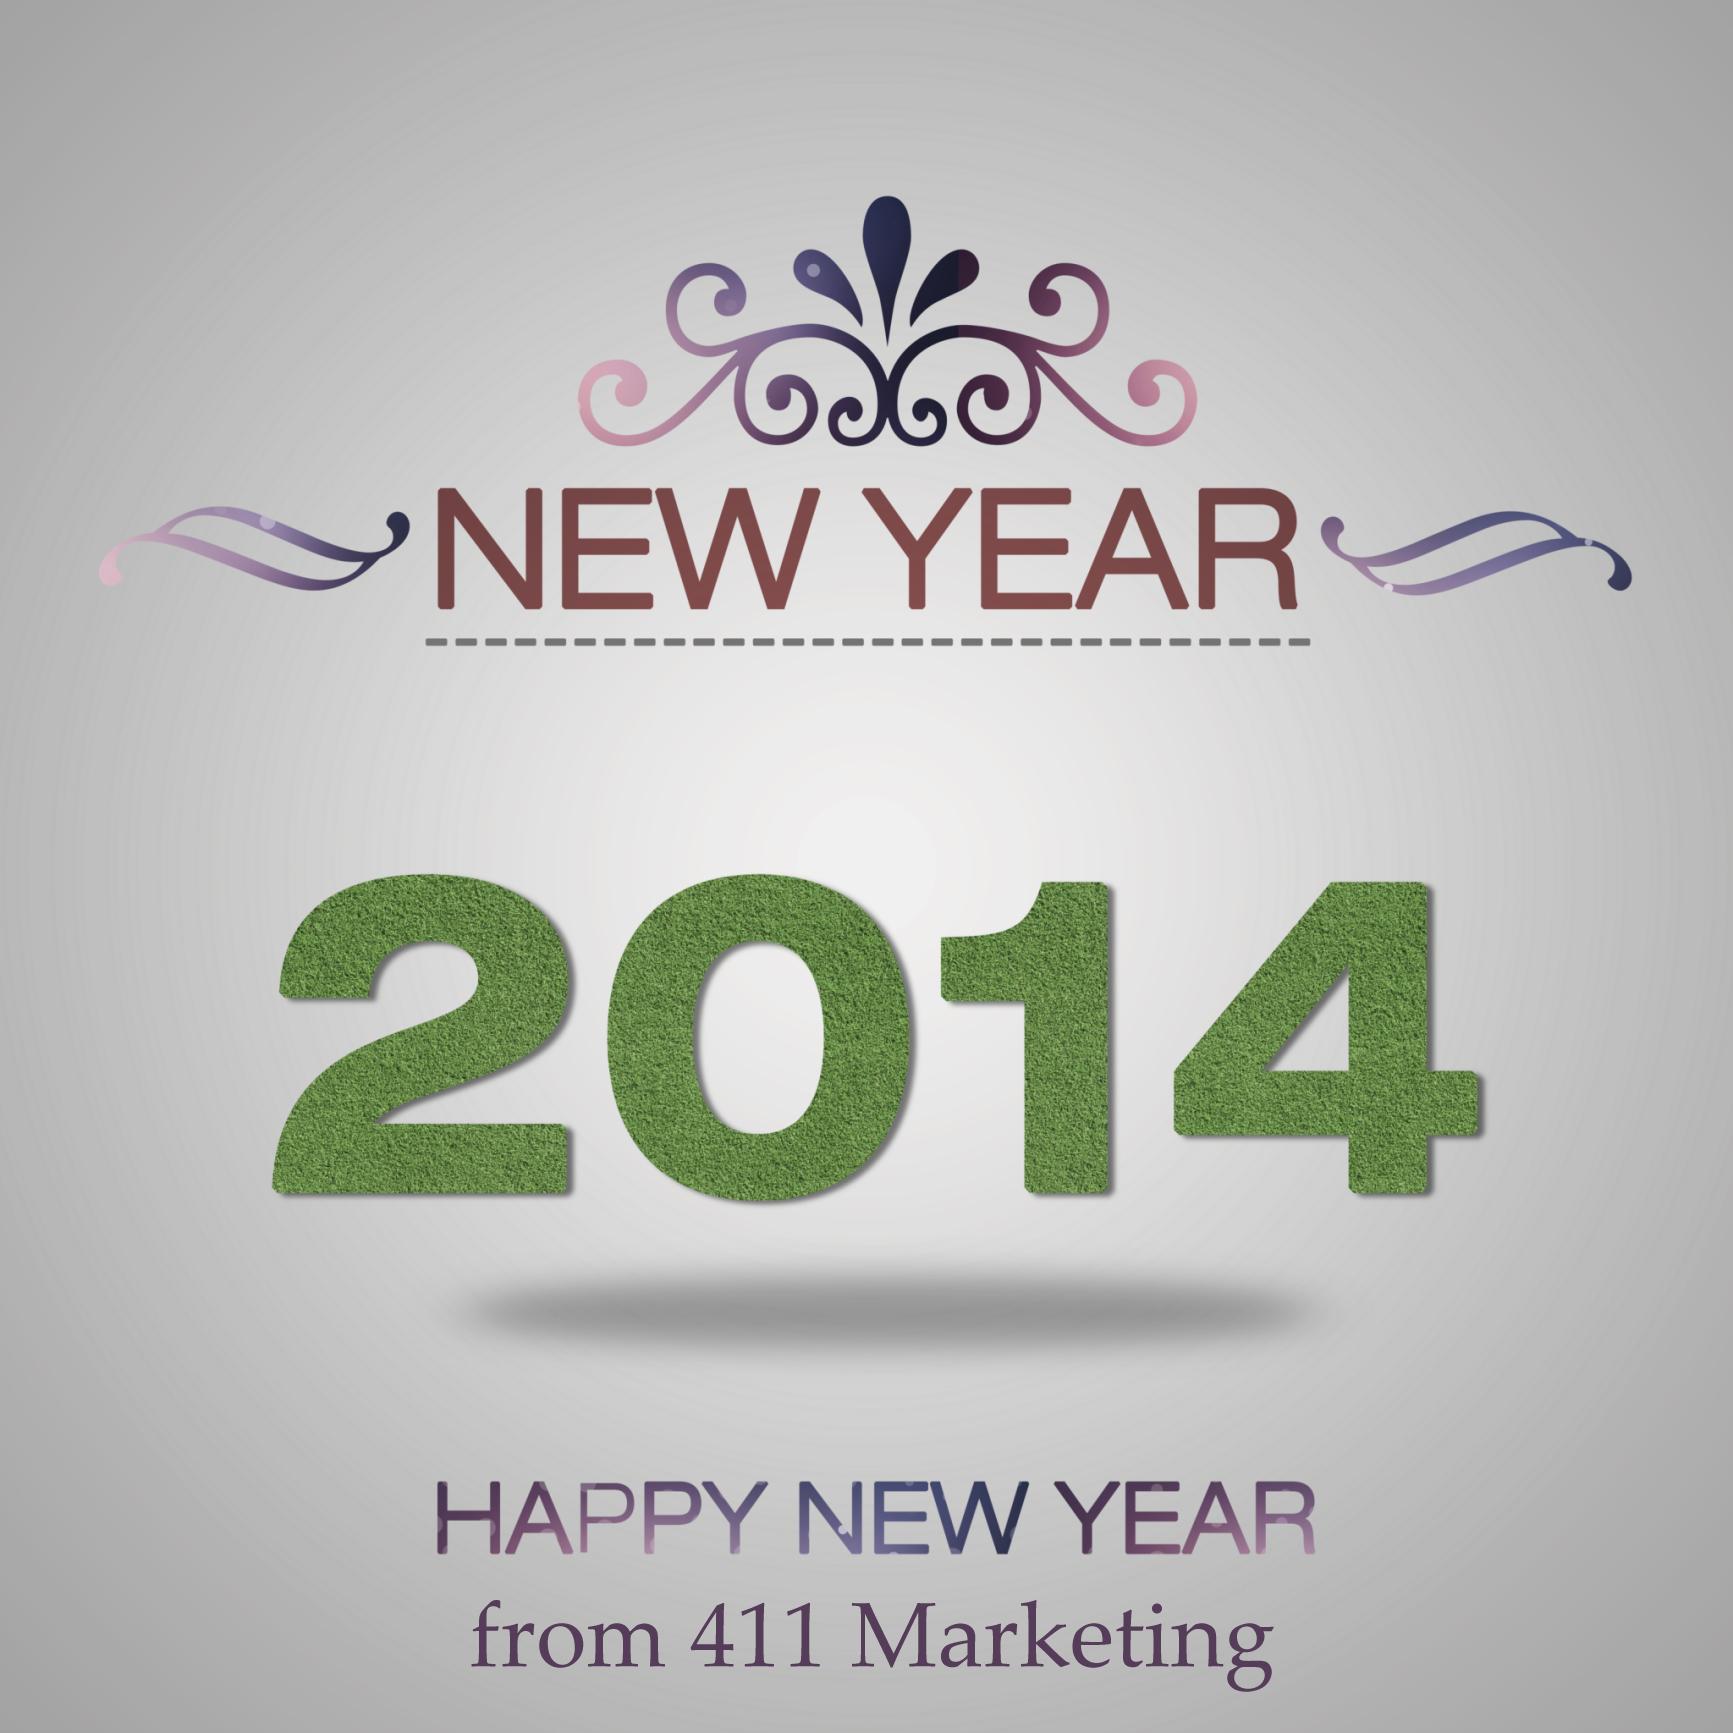 Честита Нова година от 411 Маркетинг!